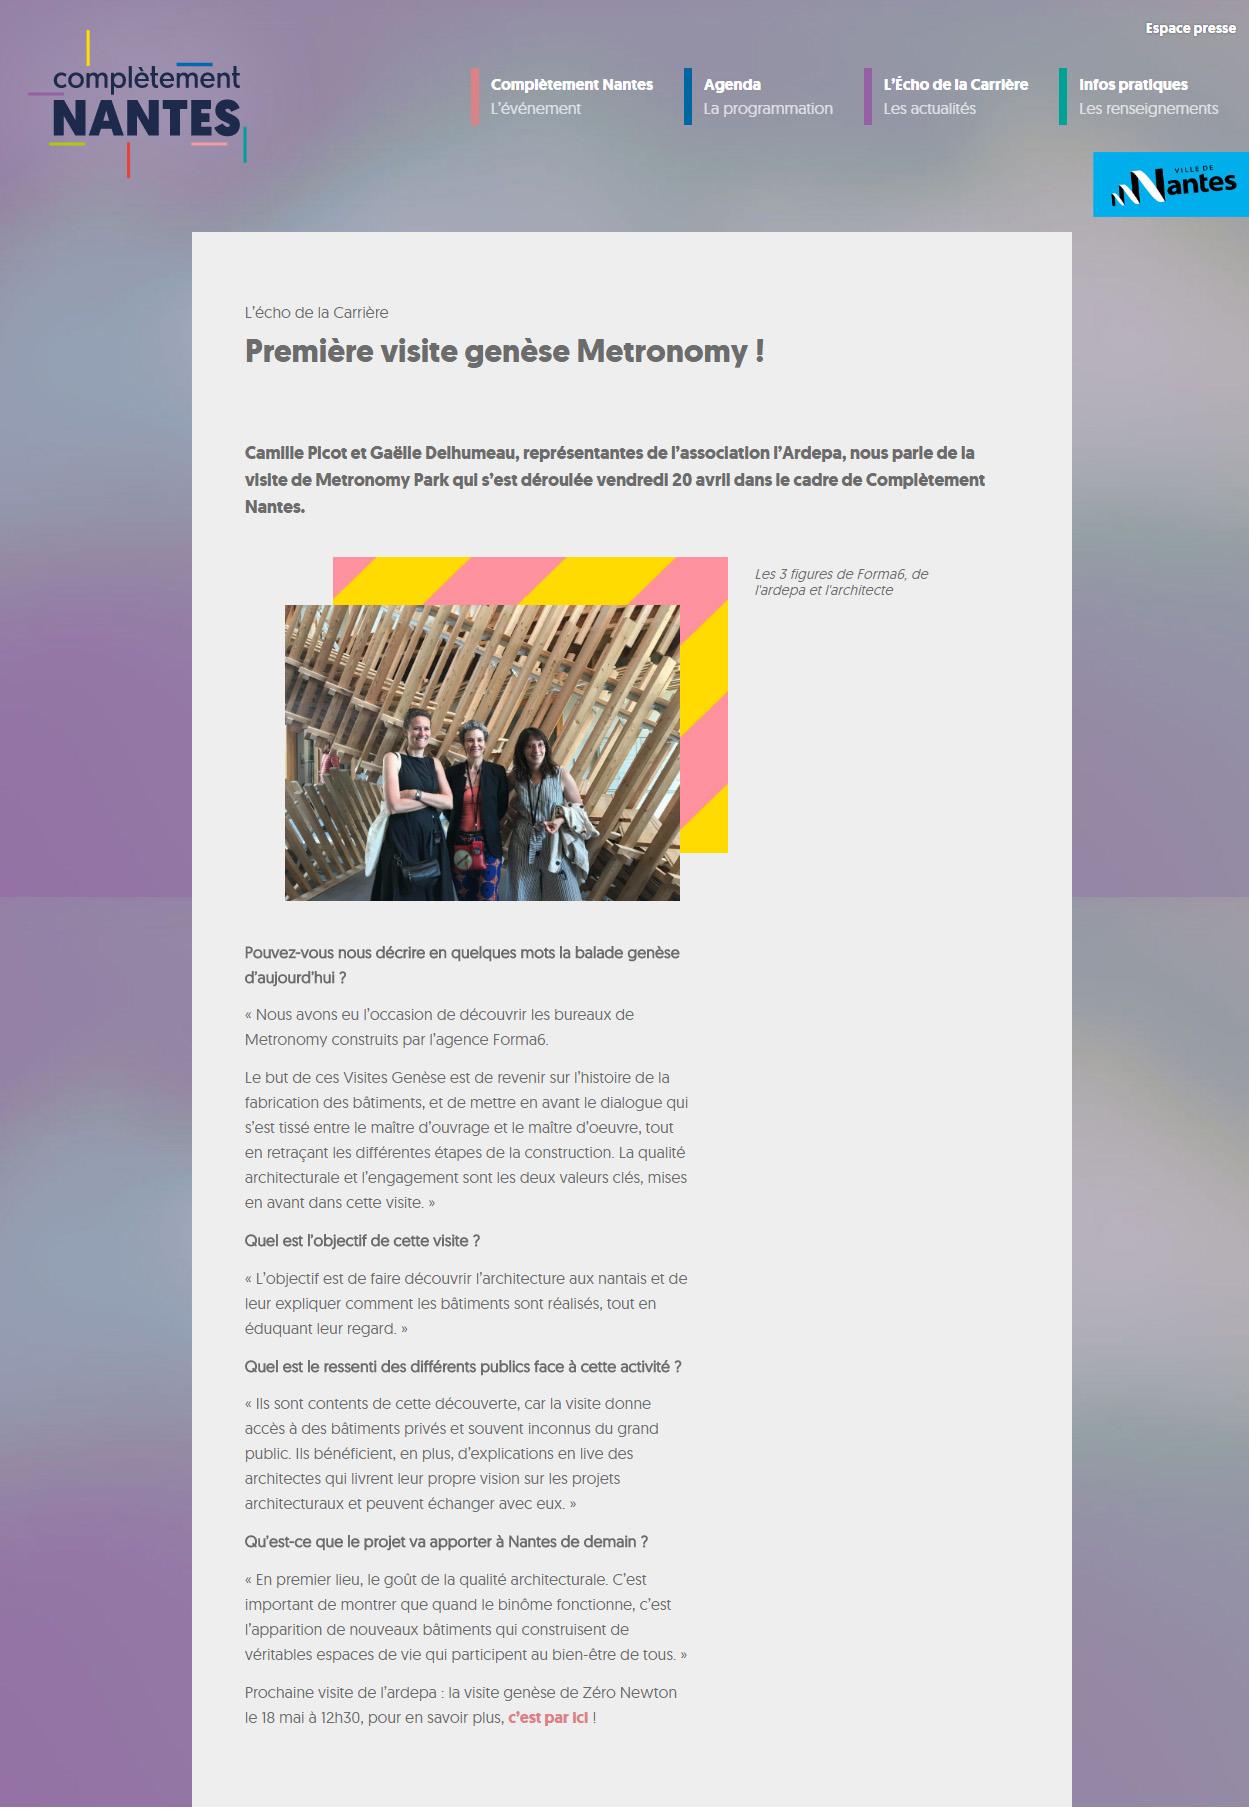 exposition complétement nantes visite génèse bureaux metronomy forma6 tolefi promotion